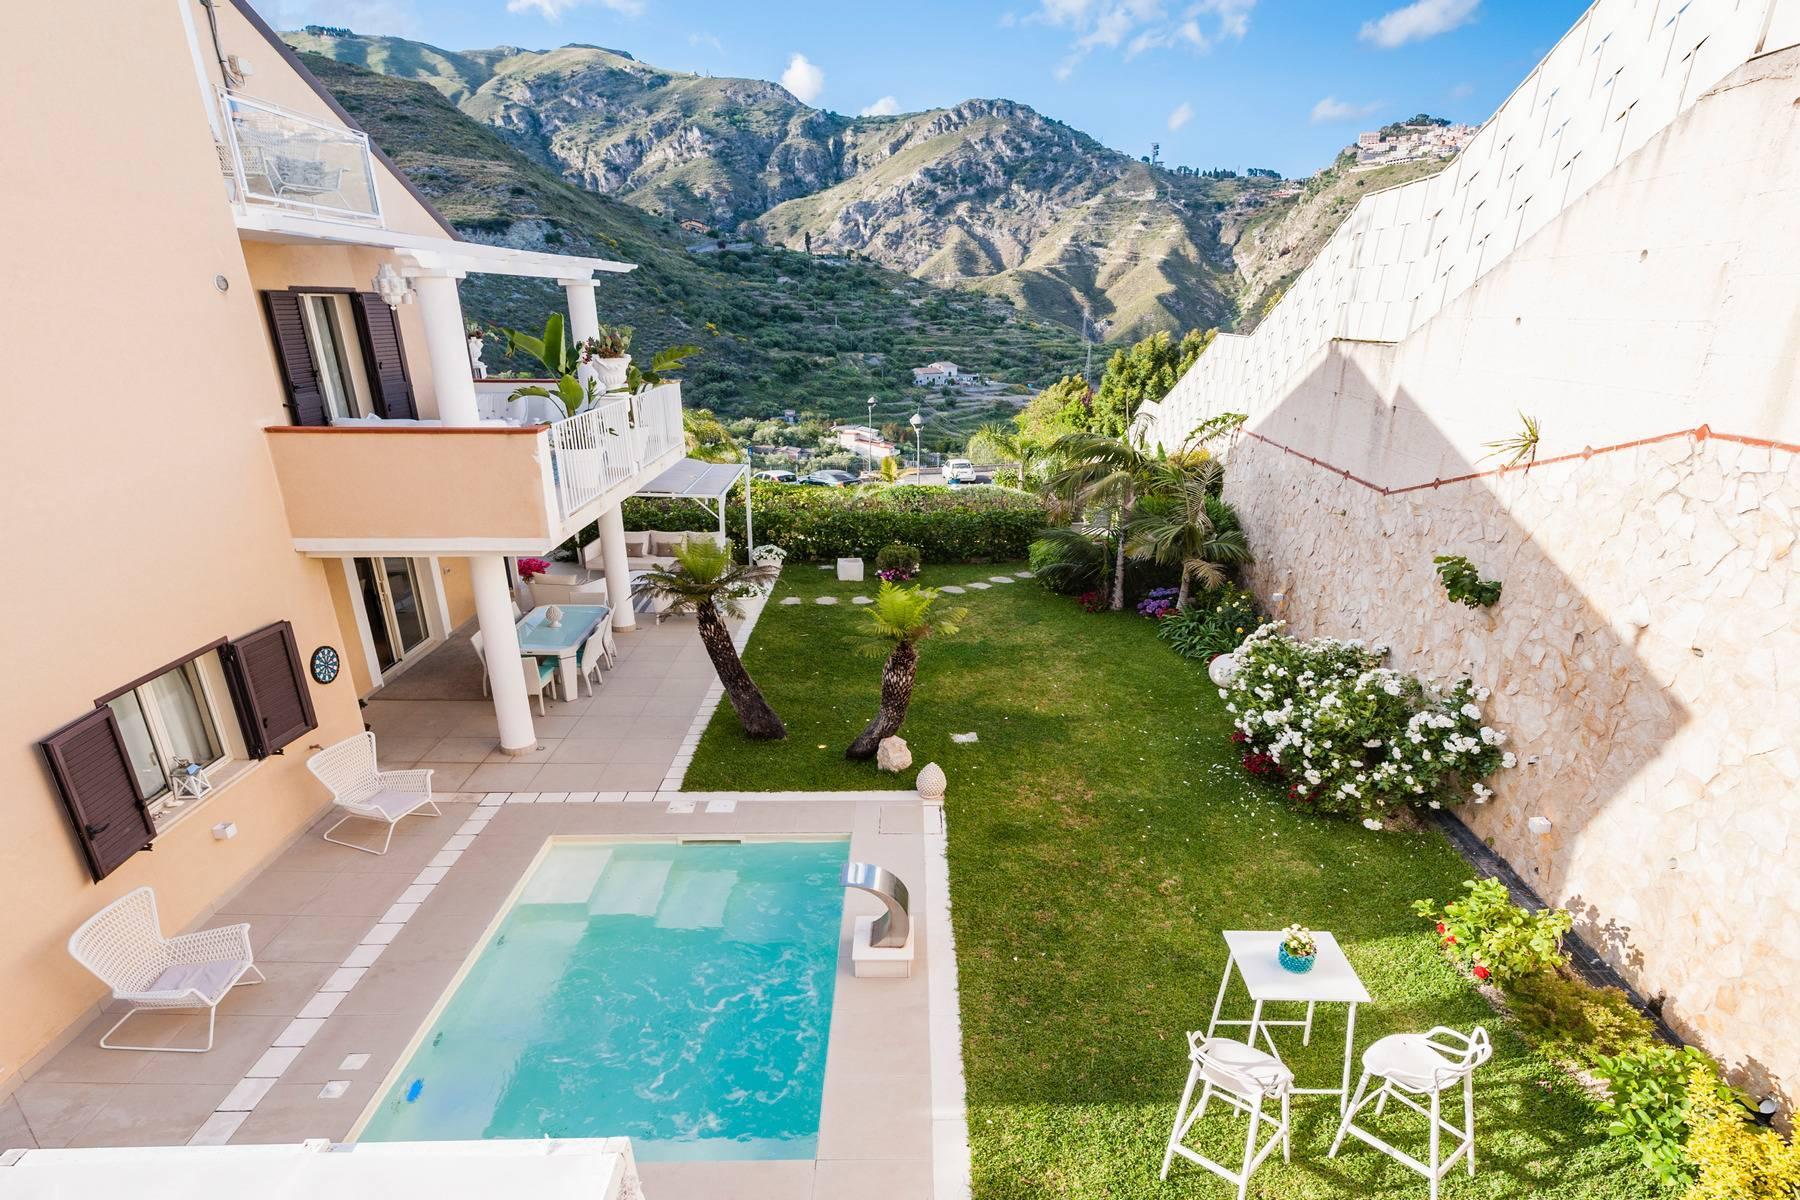 Modern villa with swimming pool in Taormina - 10